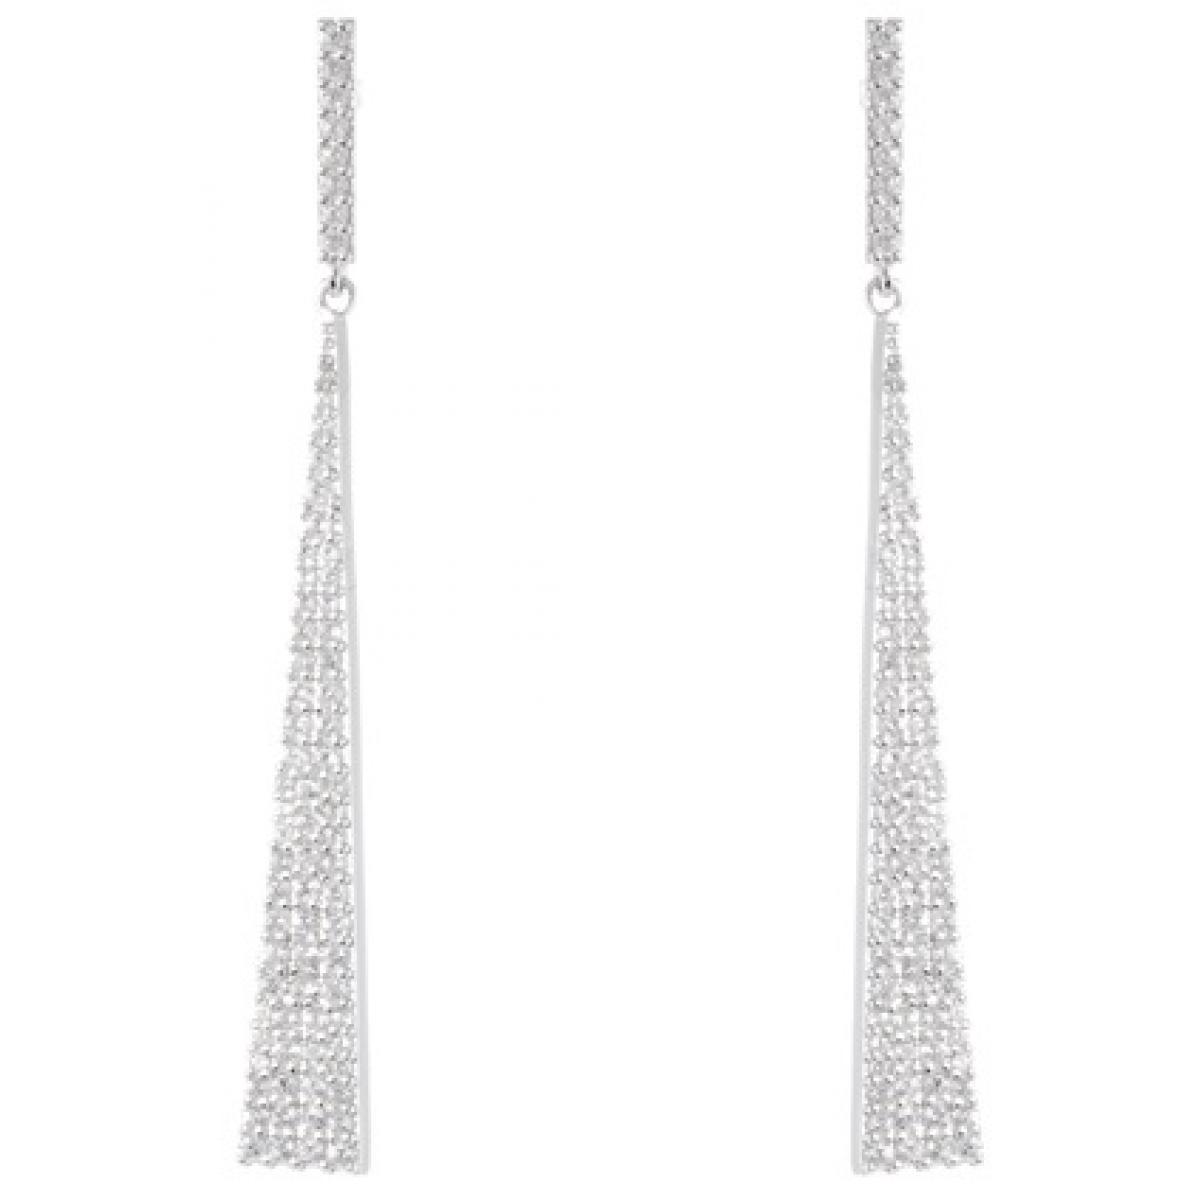 Boucles d'oreilles Luxenter ET17500 - Boucles d'oreilles Argent Oxyde de Zirconium Femme